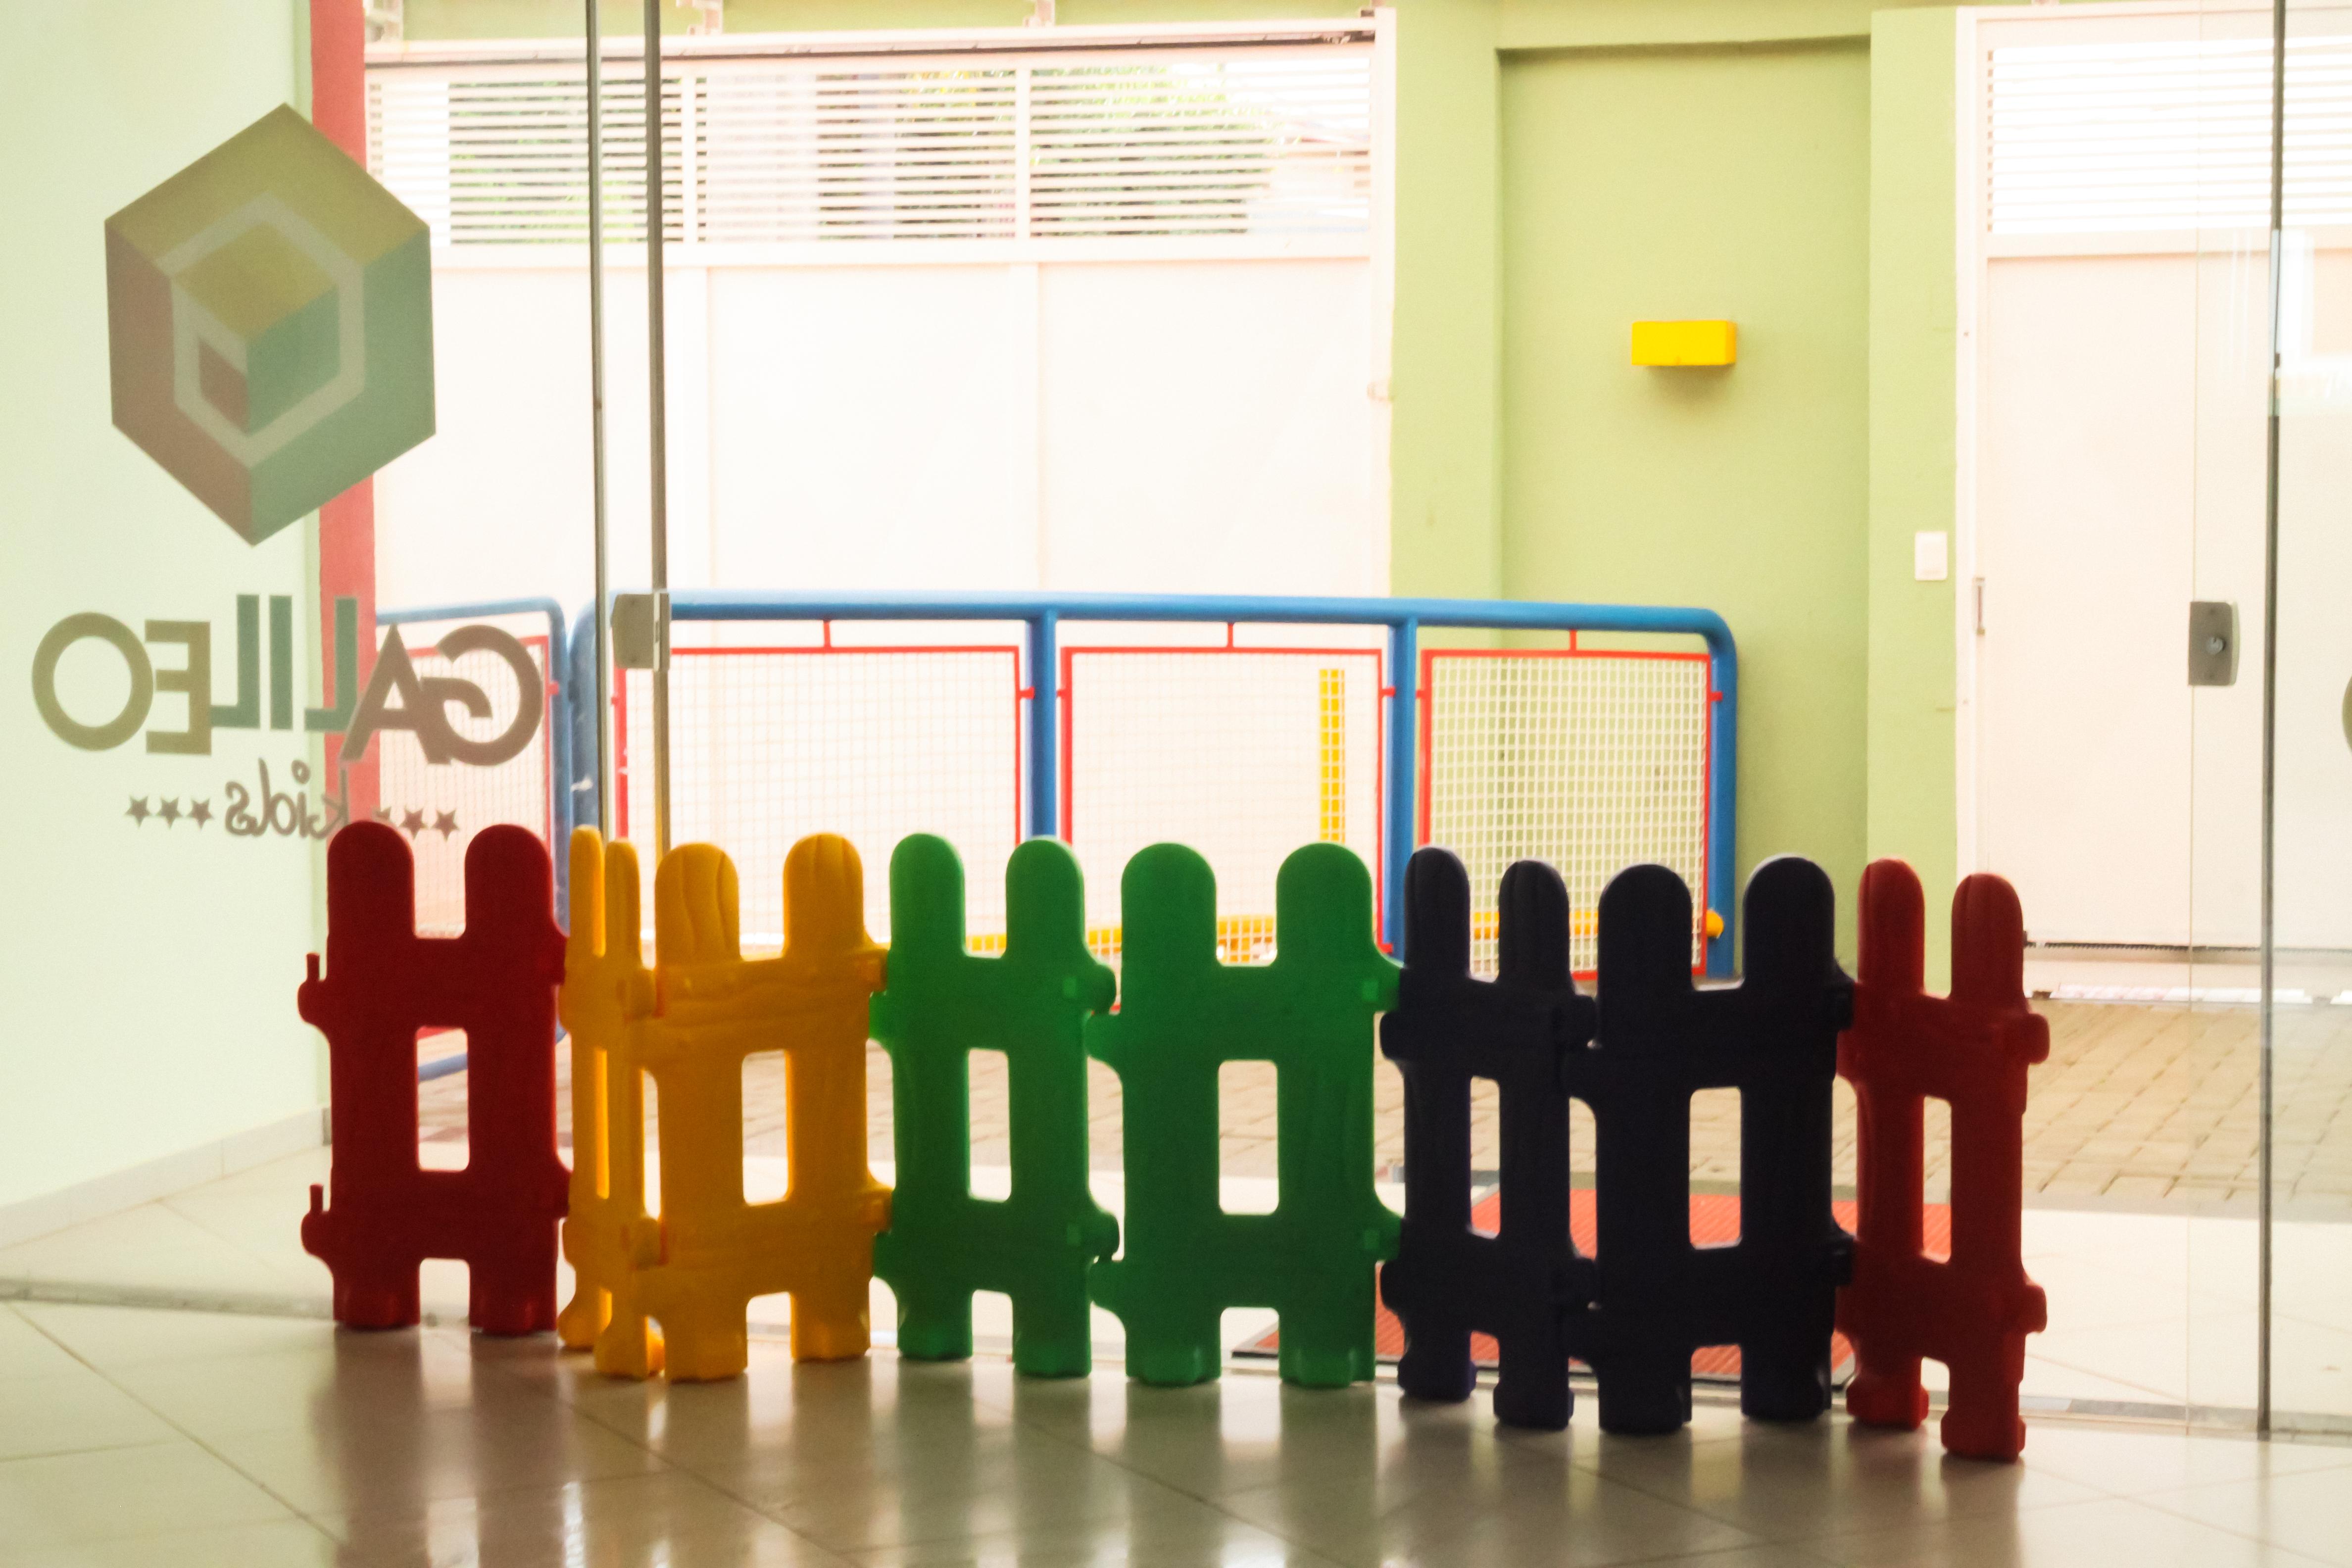 Escola Galileo Kids acesso de entrada e saida de pais, alunos e professores